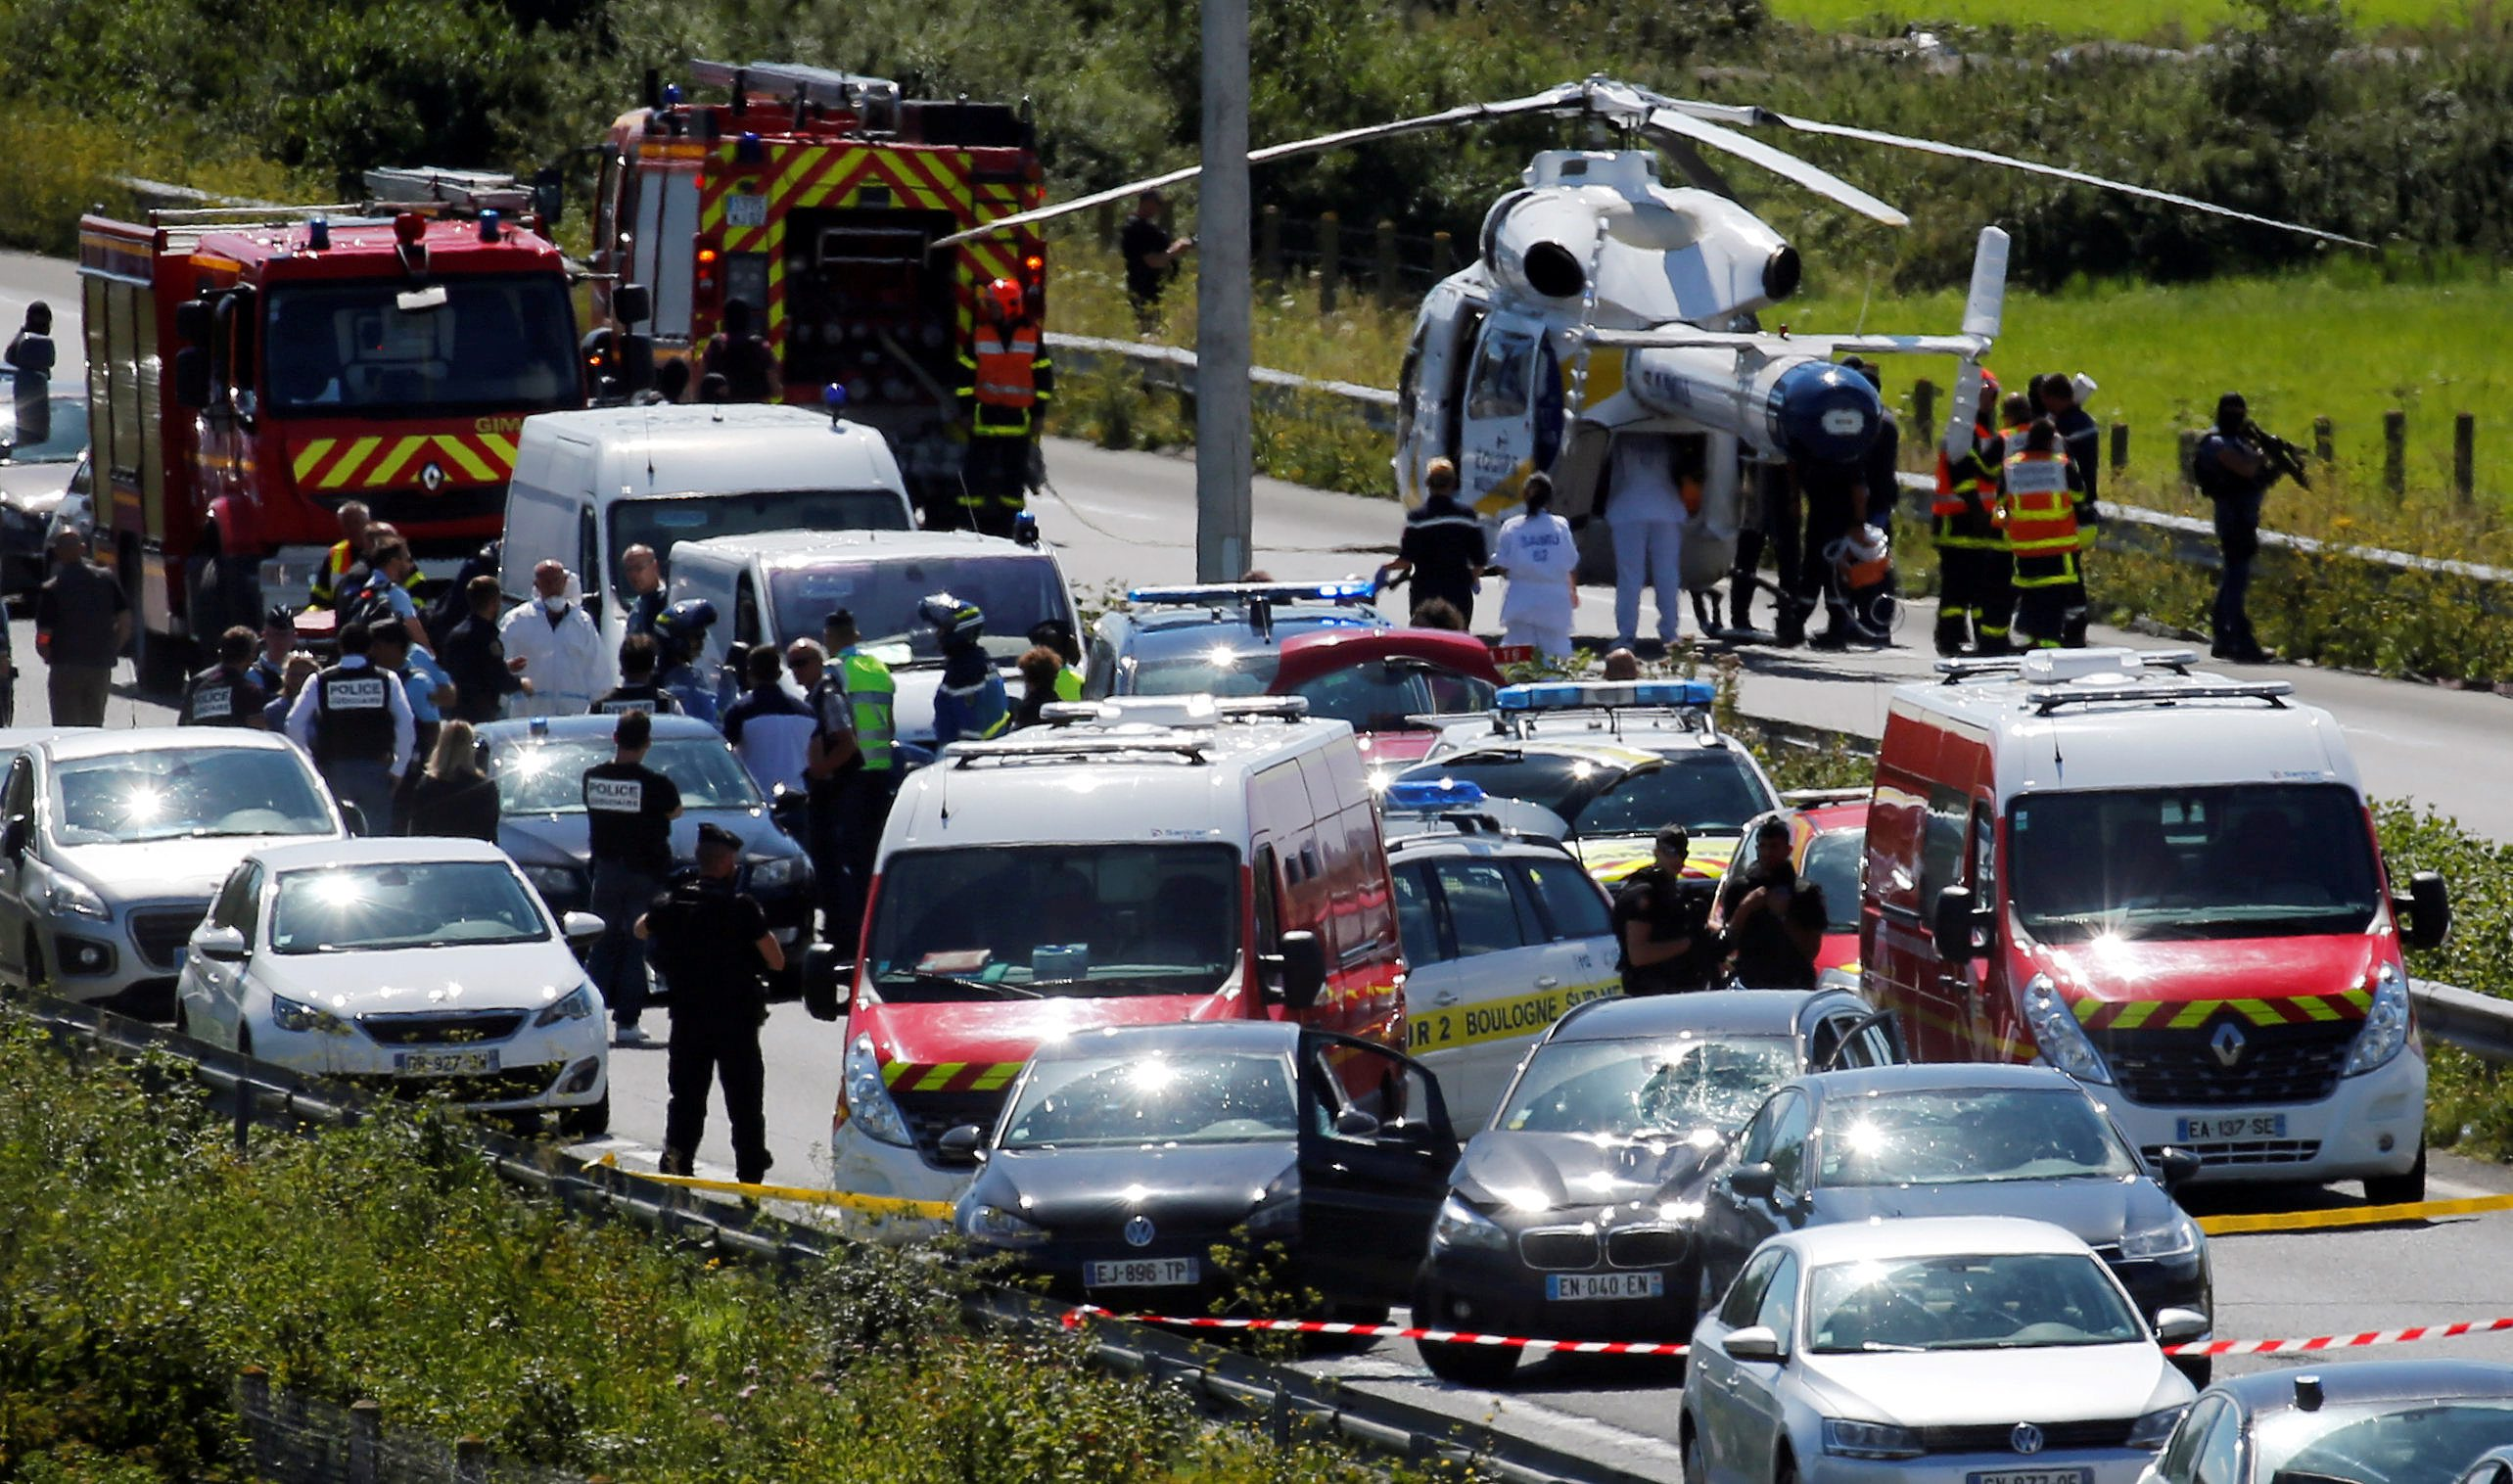 Policija, vatrogasci i hitna pomoć na mjestu gdje je alžirski državljanin naletio vozilom na vojnu ophodnju